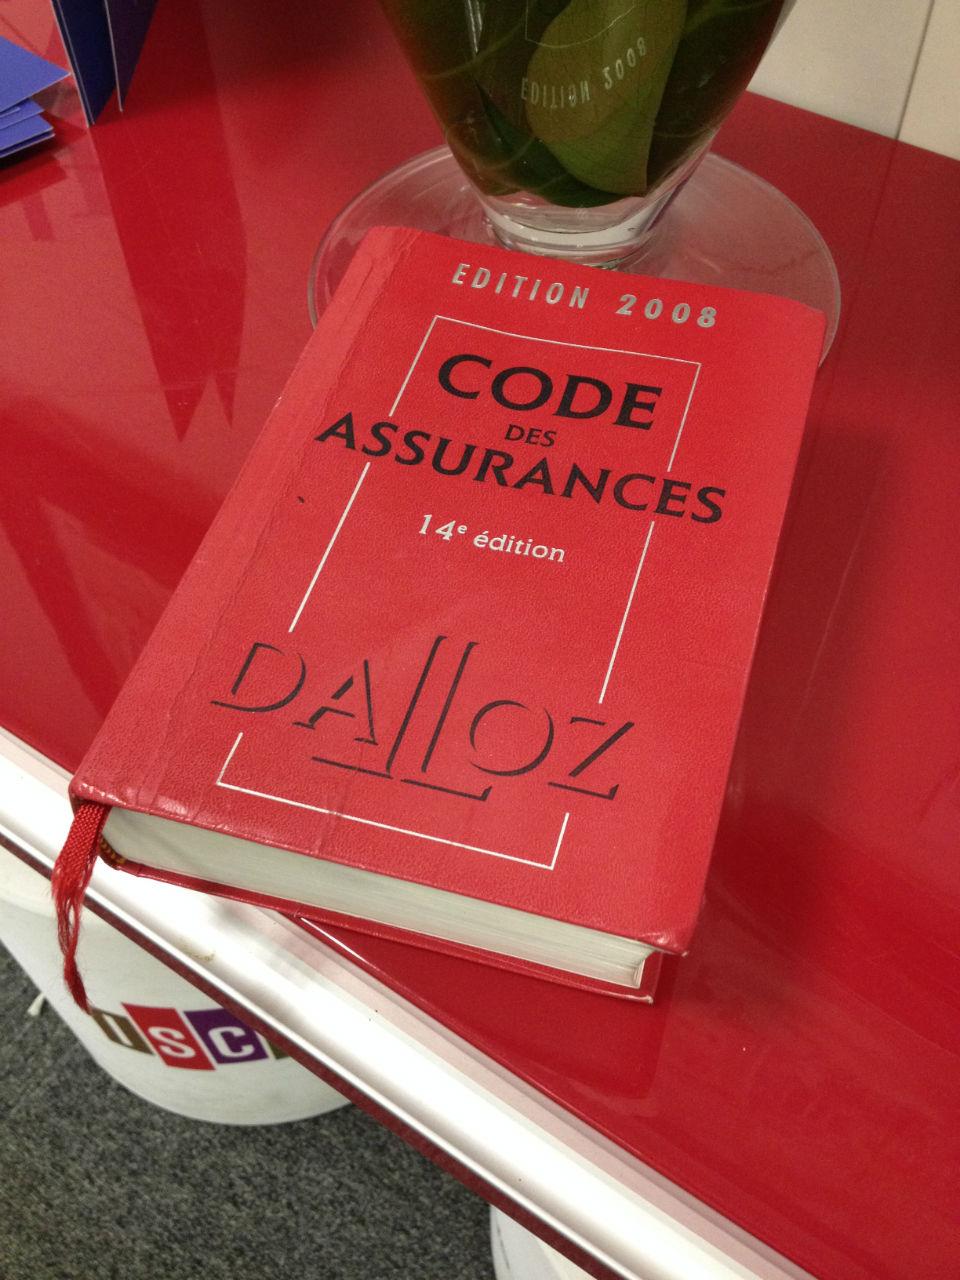 Connaitre le code des assurances, la garantie d'une meilleure connaissance du secteur